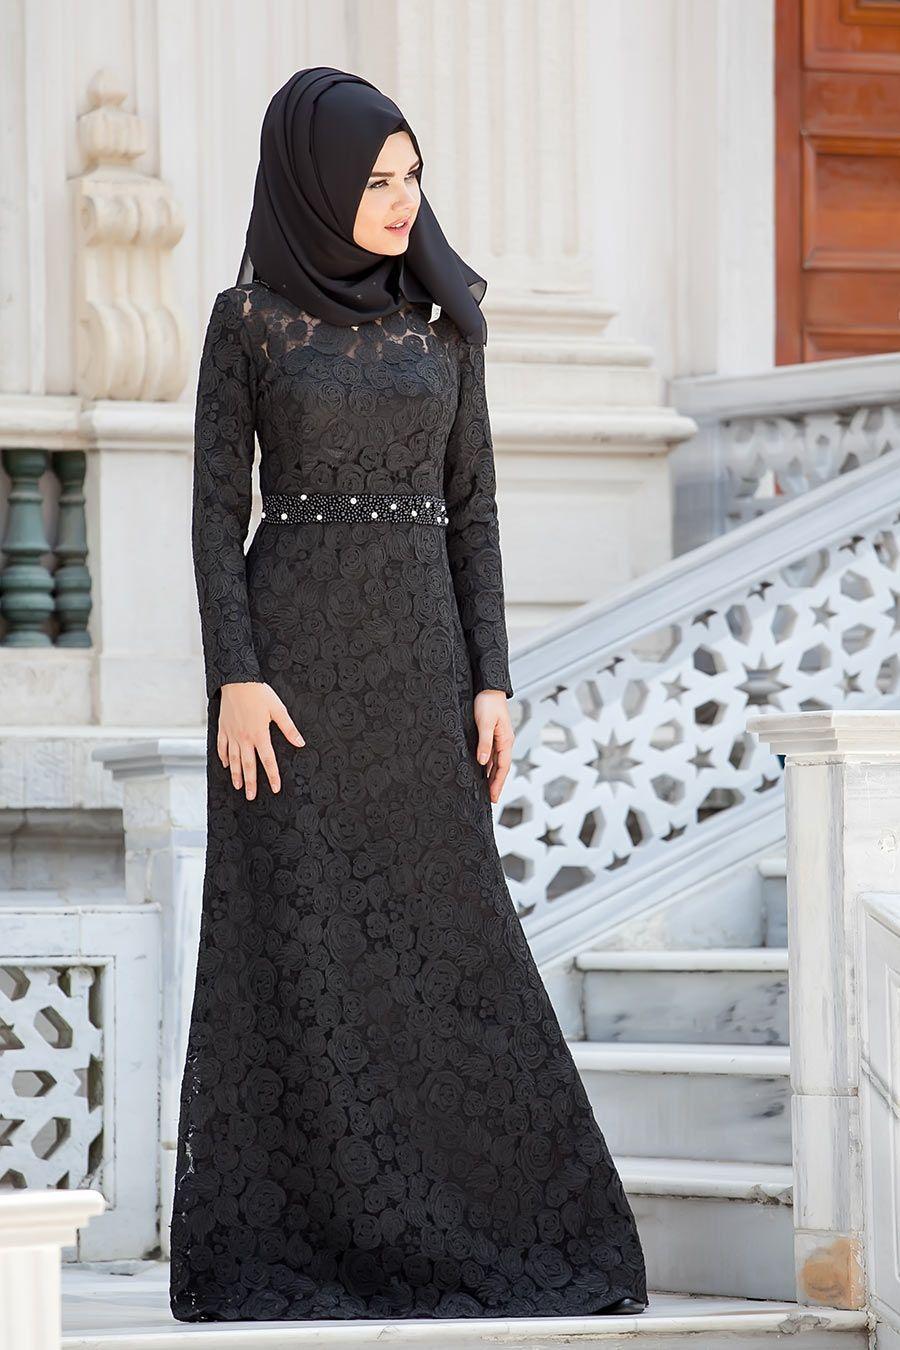 Tesetturlu Abiye Elbiseler Tesetturlu Abiye Elbise Siyah Elbise Tesettur Bayan Giyimde Elbise Ferace Esarp S Abaya Tarzi Musluman Modasi Musluman Elbisesi